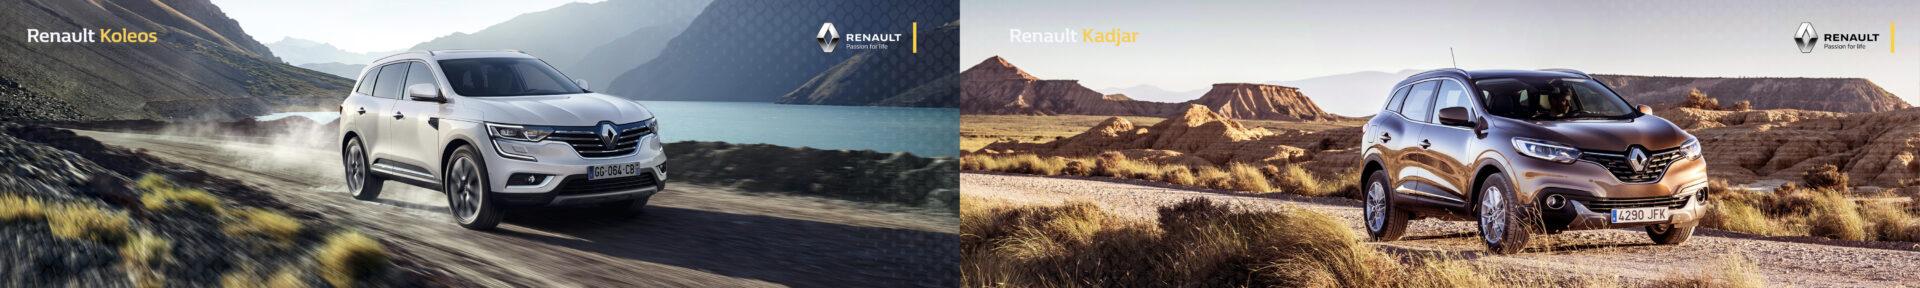 Renault-Keynote-20171028.013